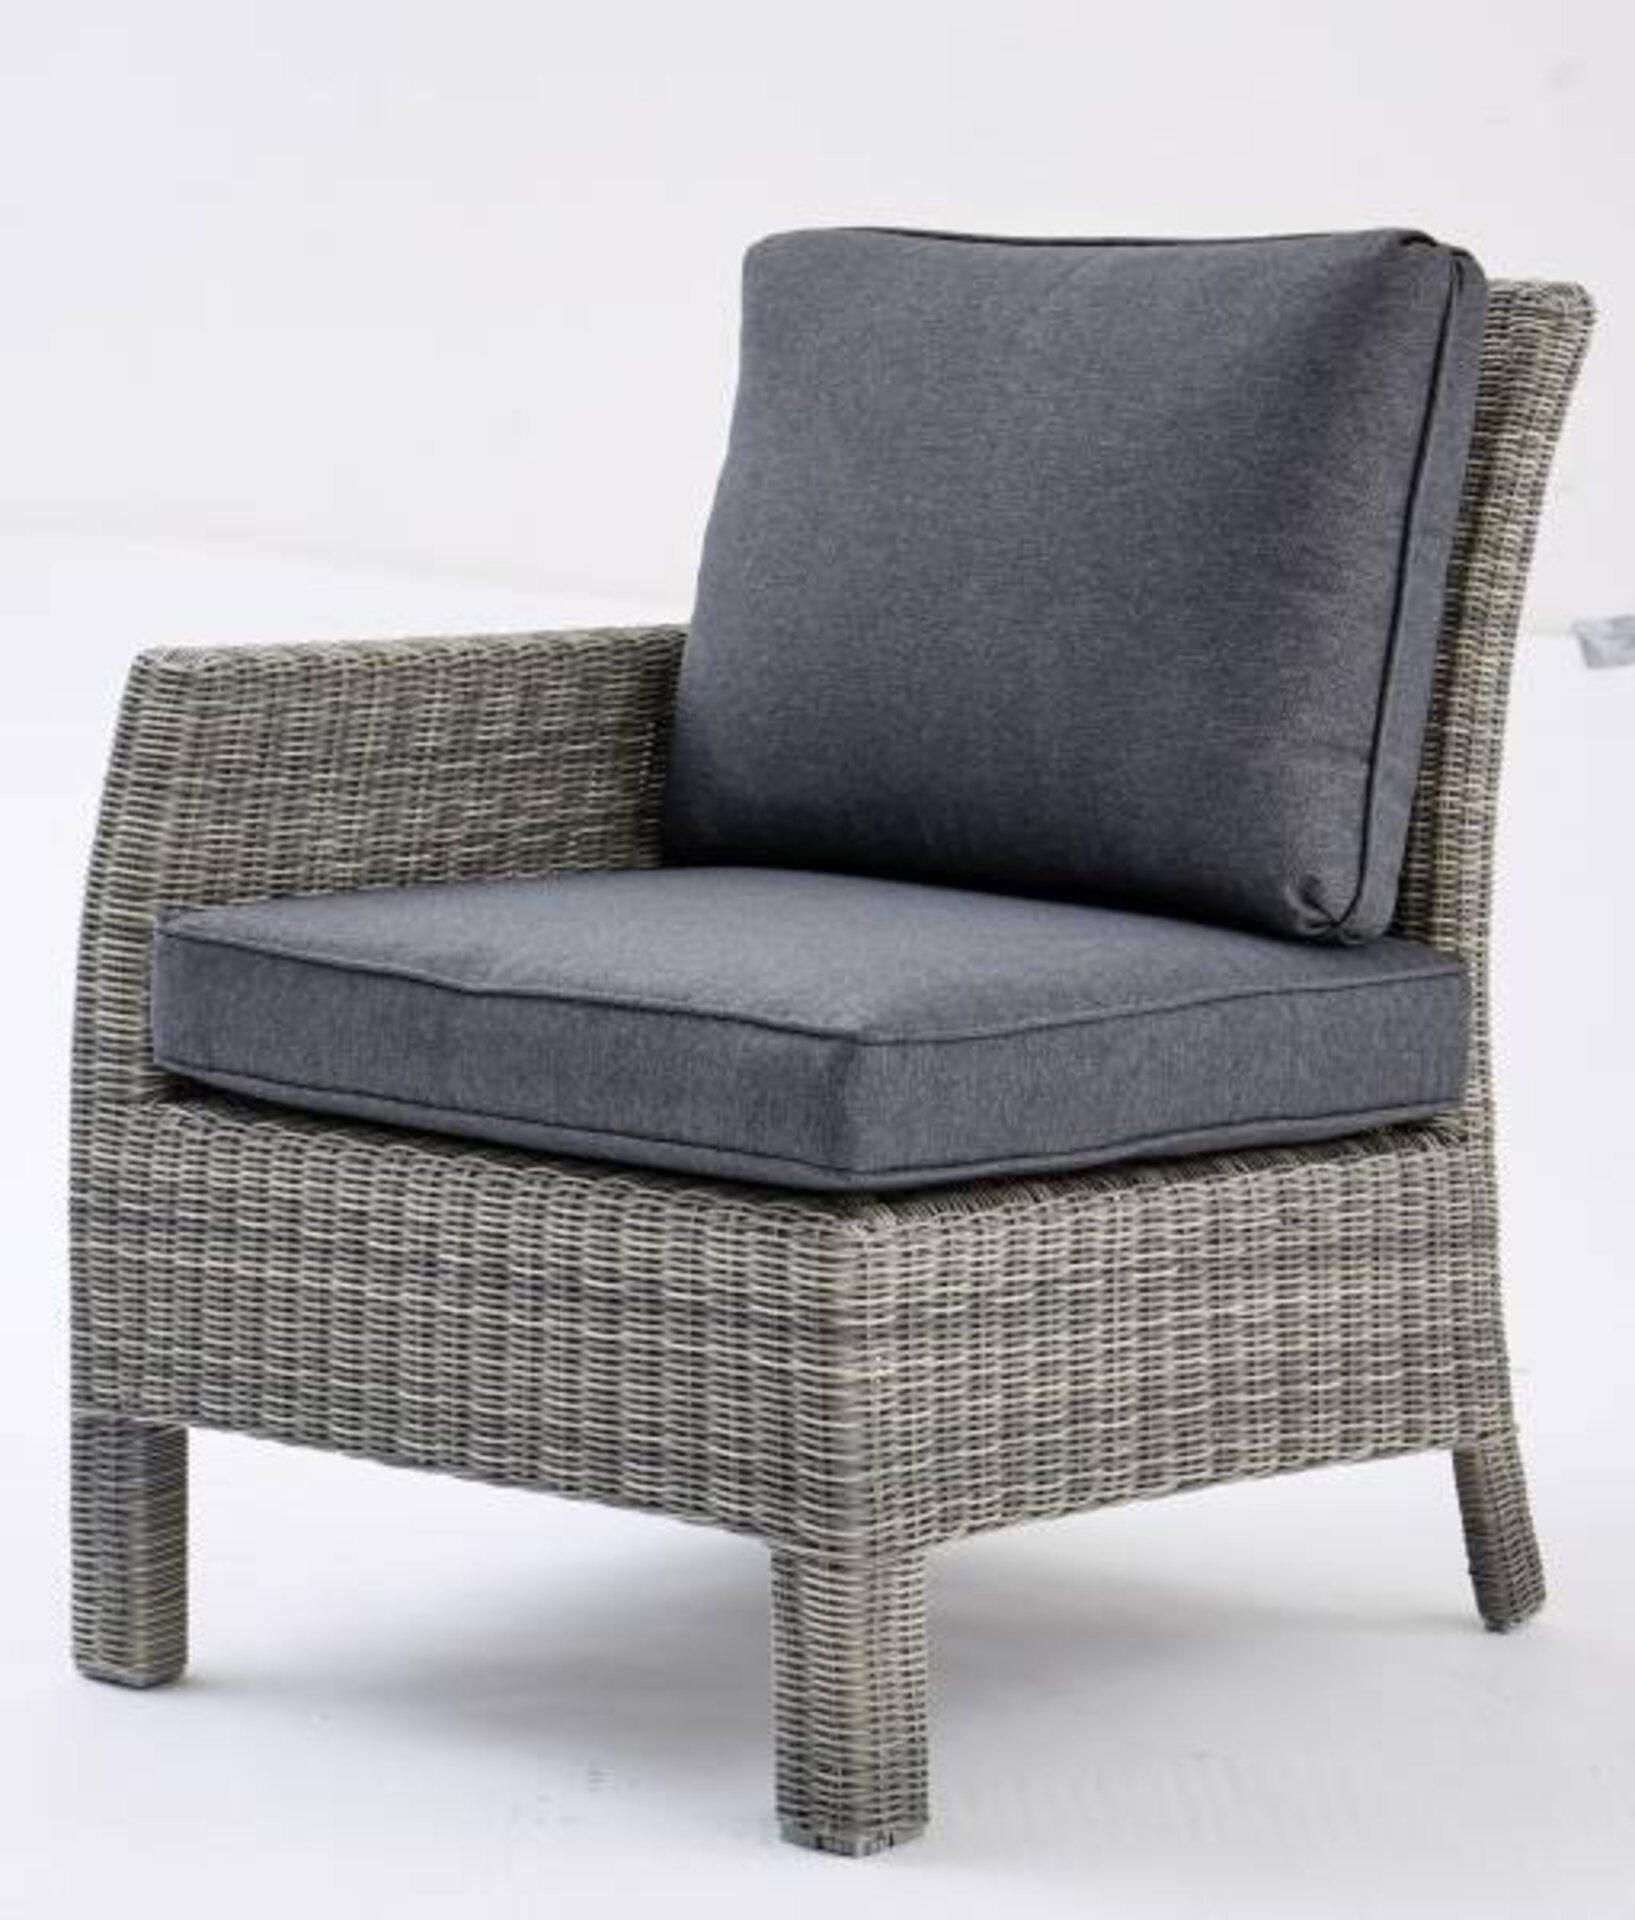 Abschlusssessel SMOKY III Outdoor Textil grau 85 x 77 x 67 cm